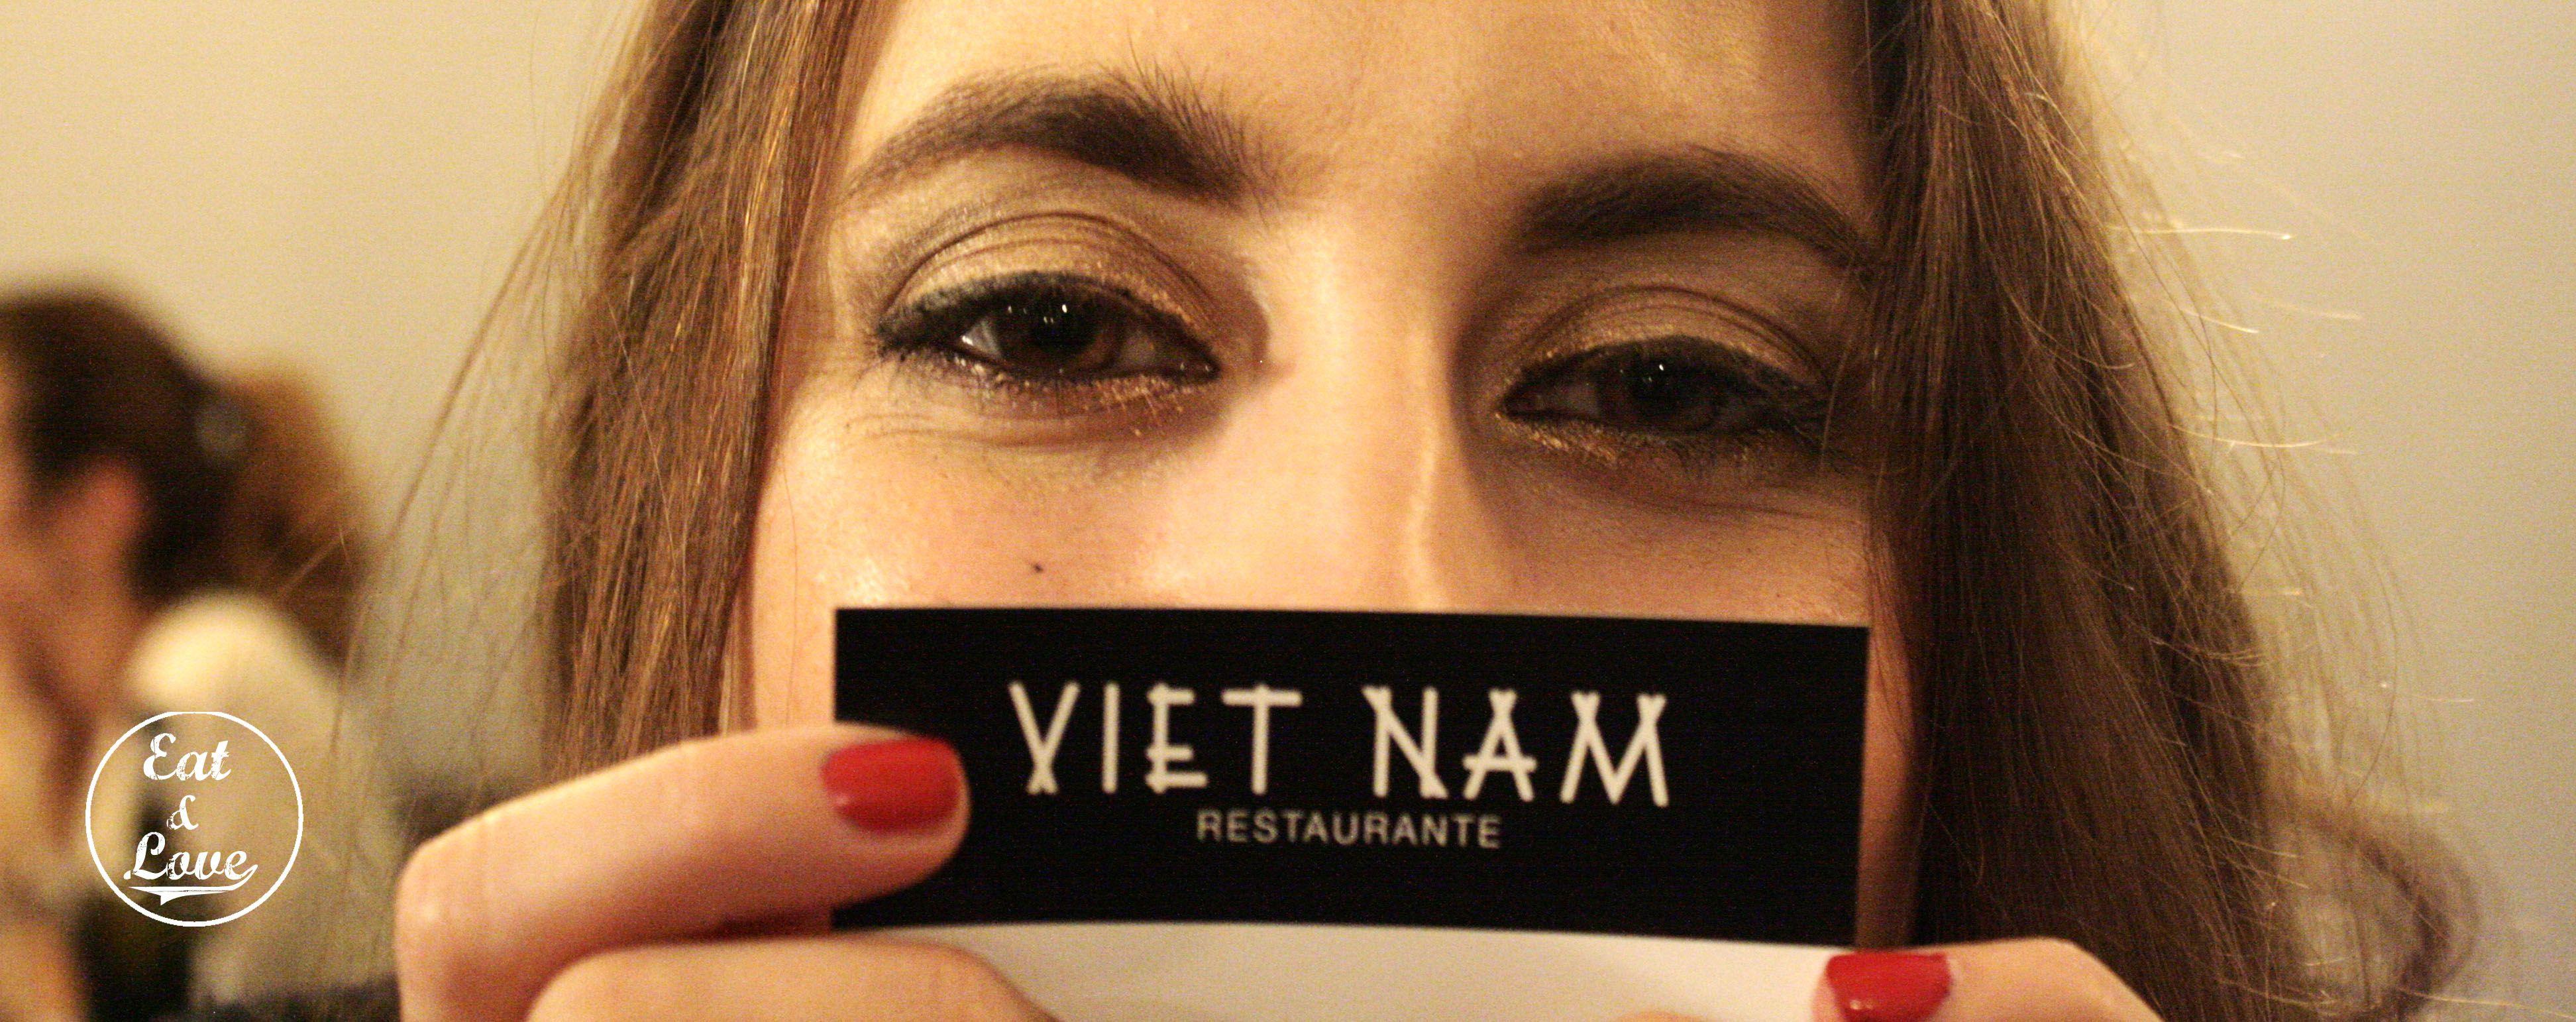 Tarjeta restaurante Vietnam - Madrid